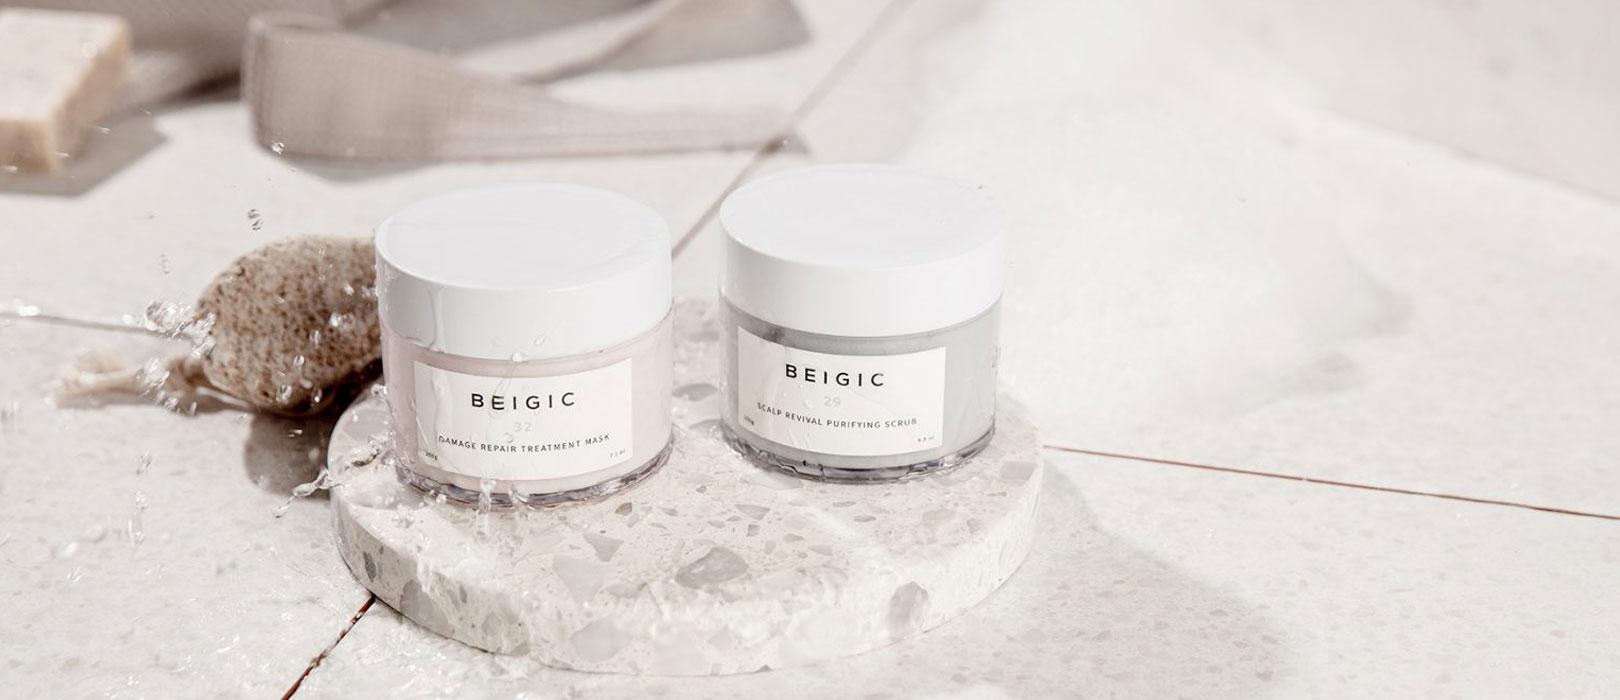 beigic hair care